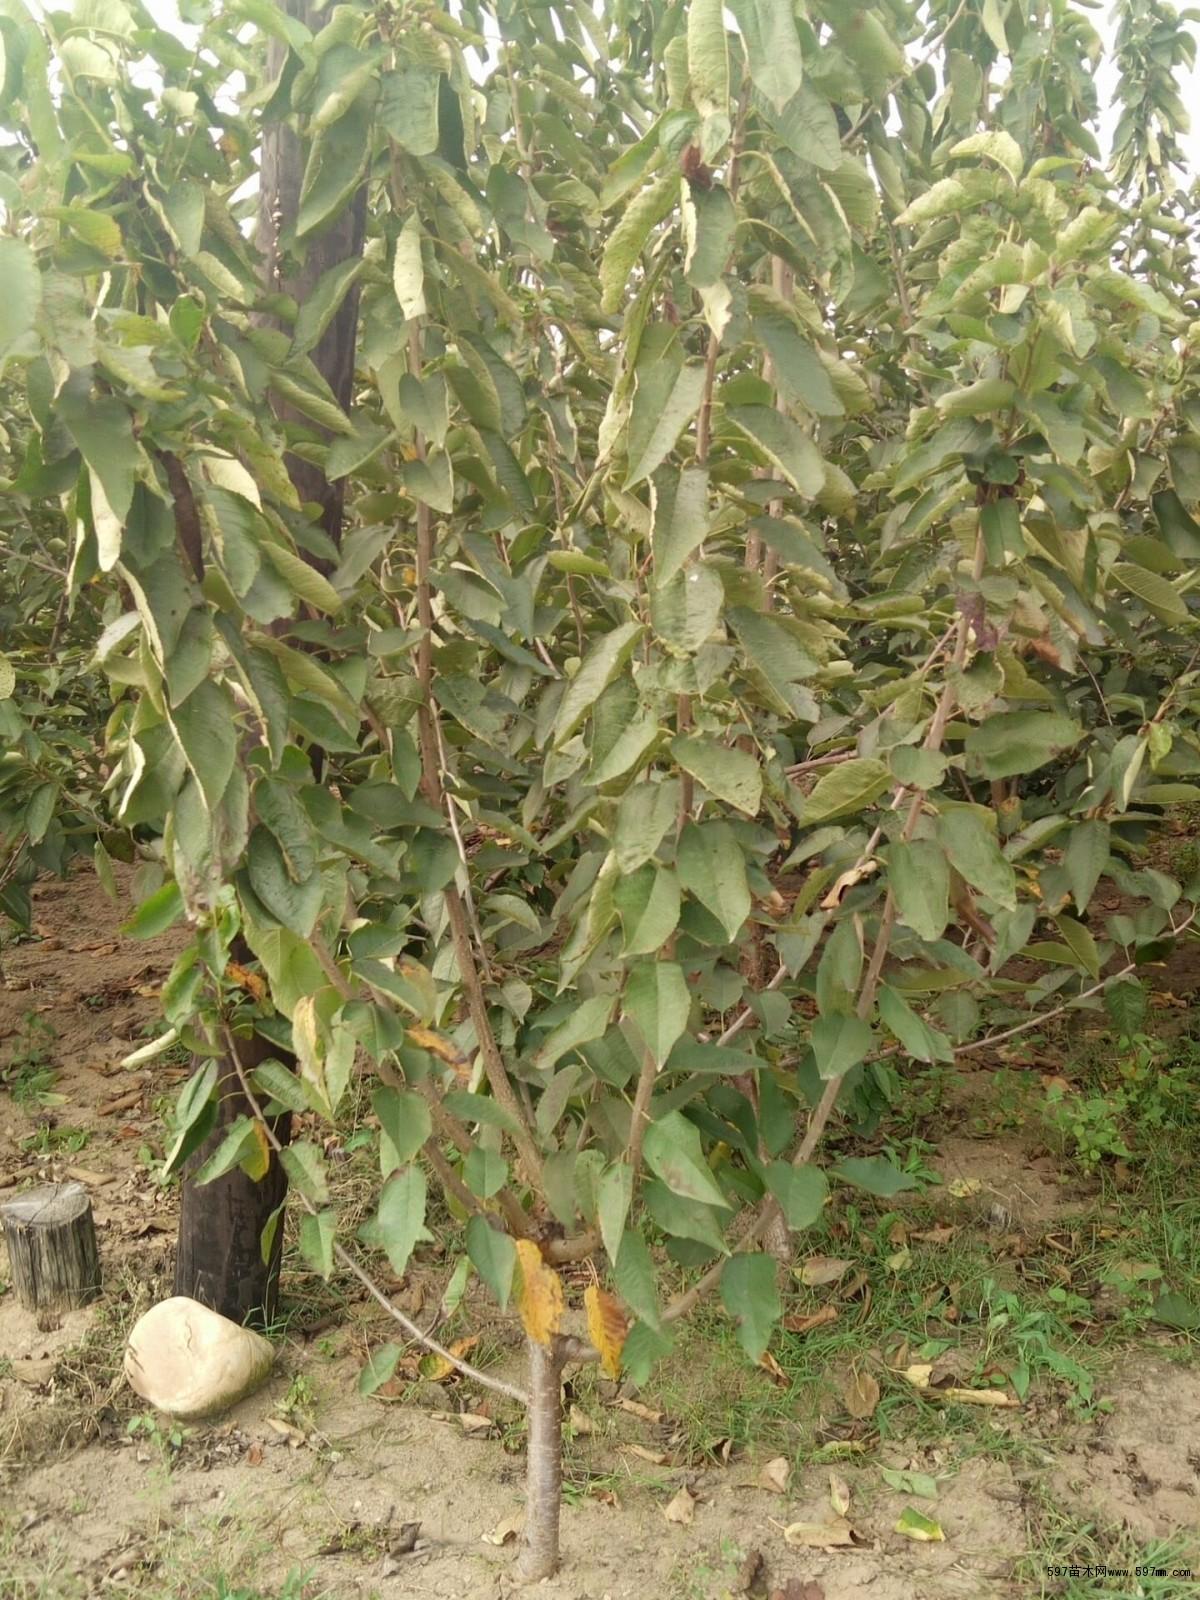 大棚美早樱桃树规格齐全|果树小苗|绿化苗木|供应信息